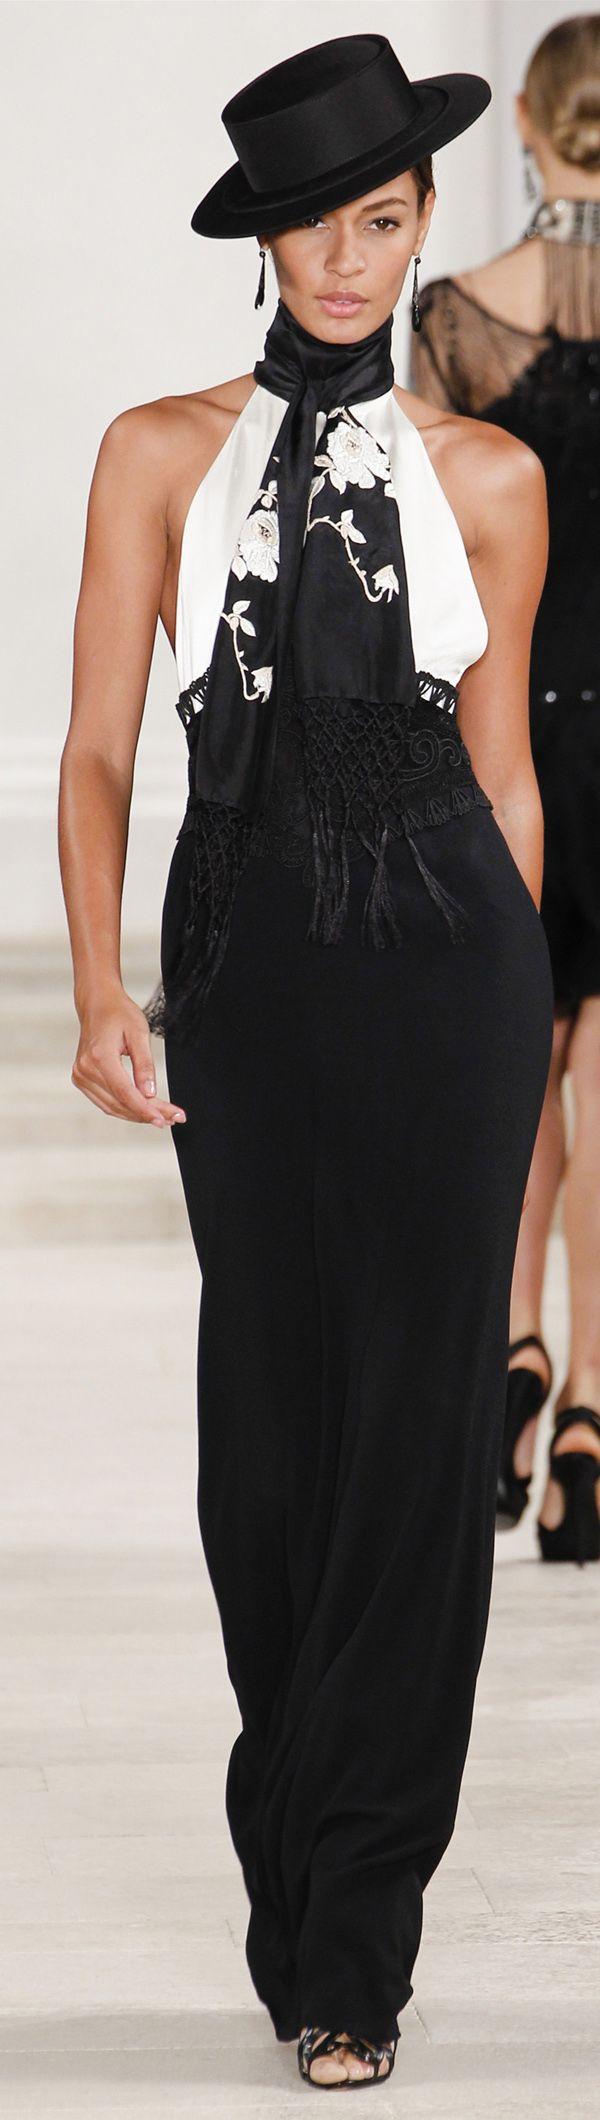 #RalphLauren con aire andaluz #tendencia #moda